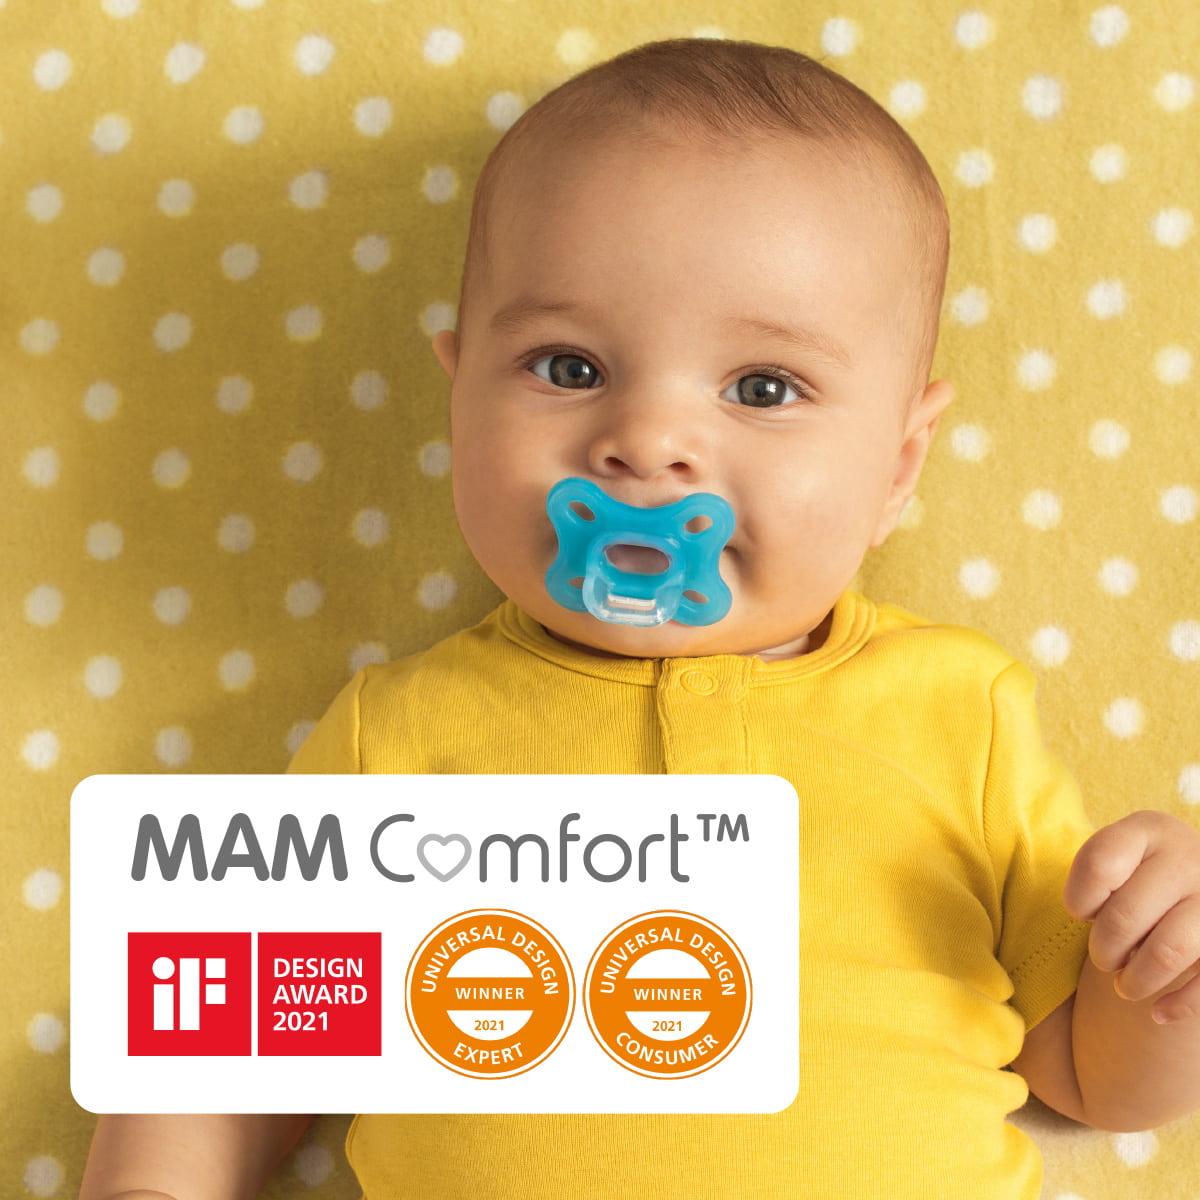 MAM Comfort